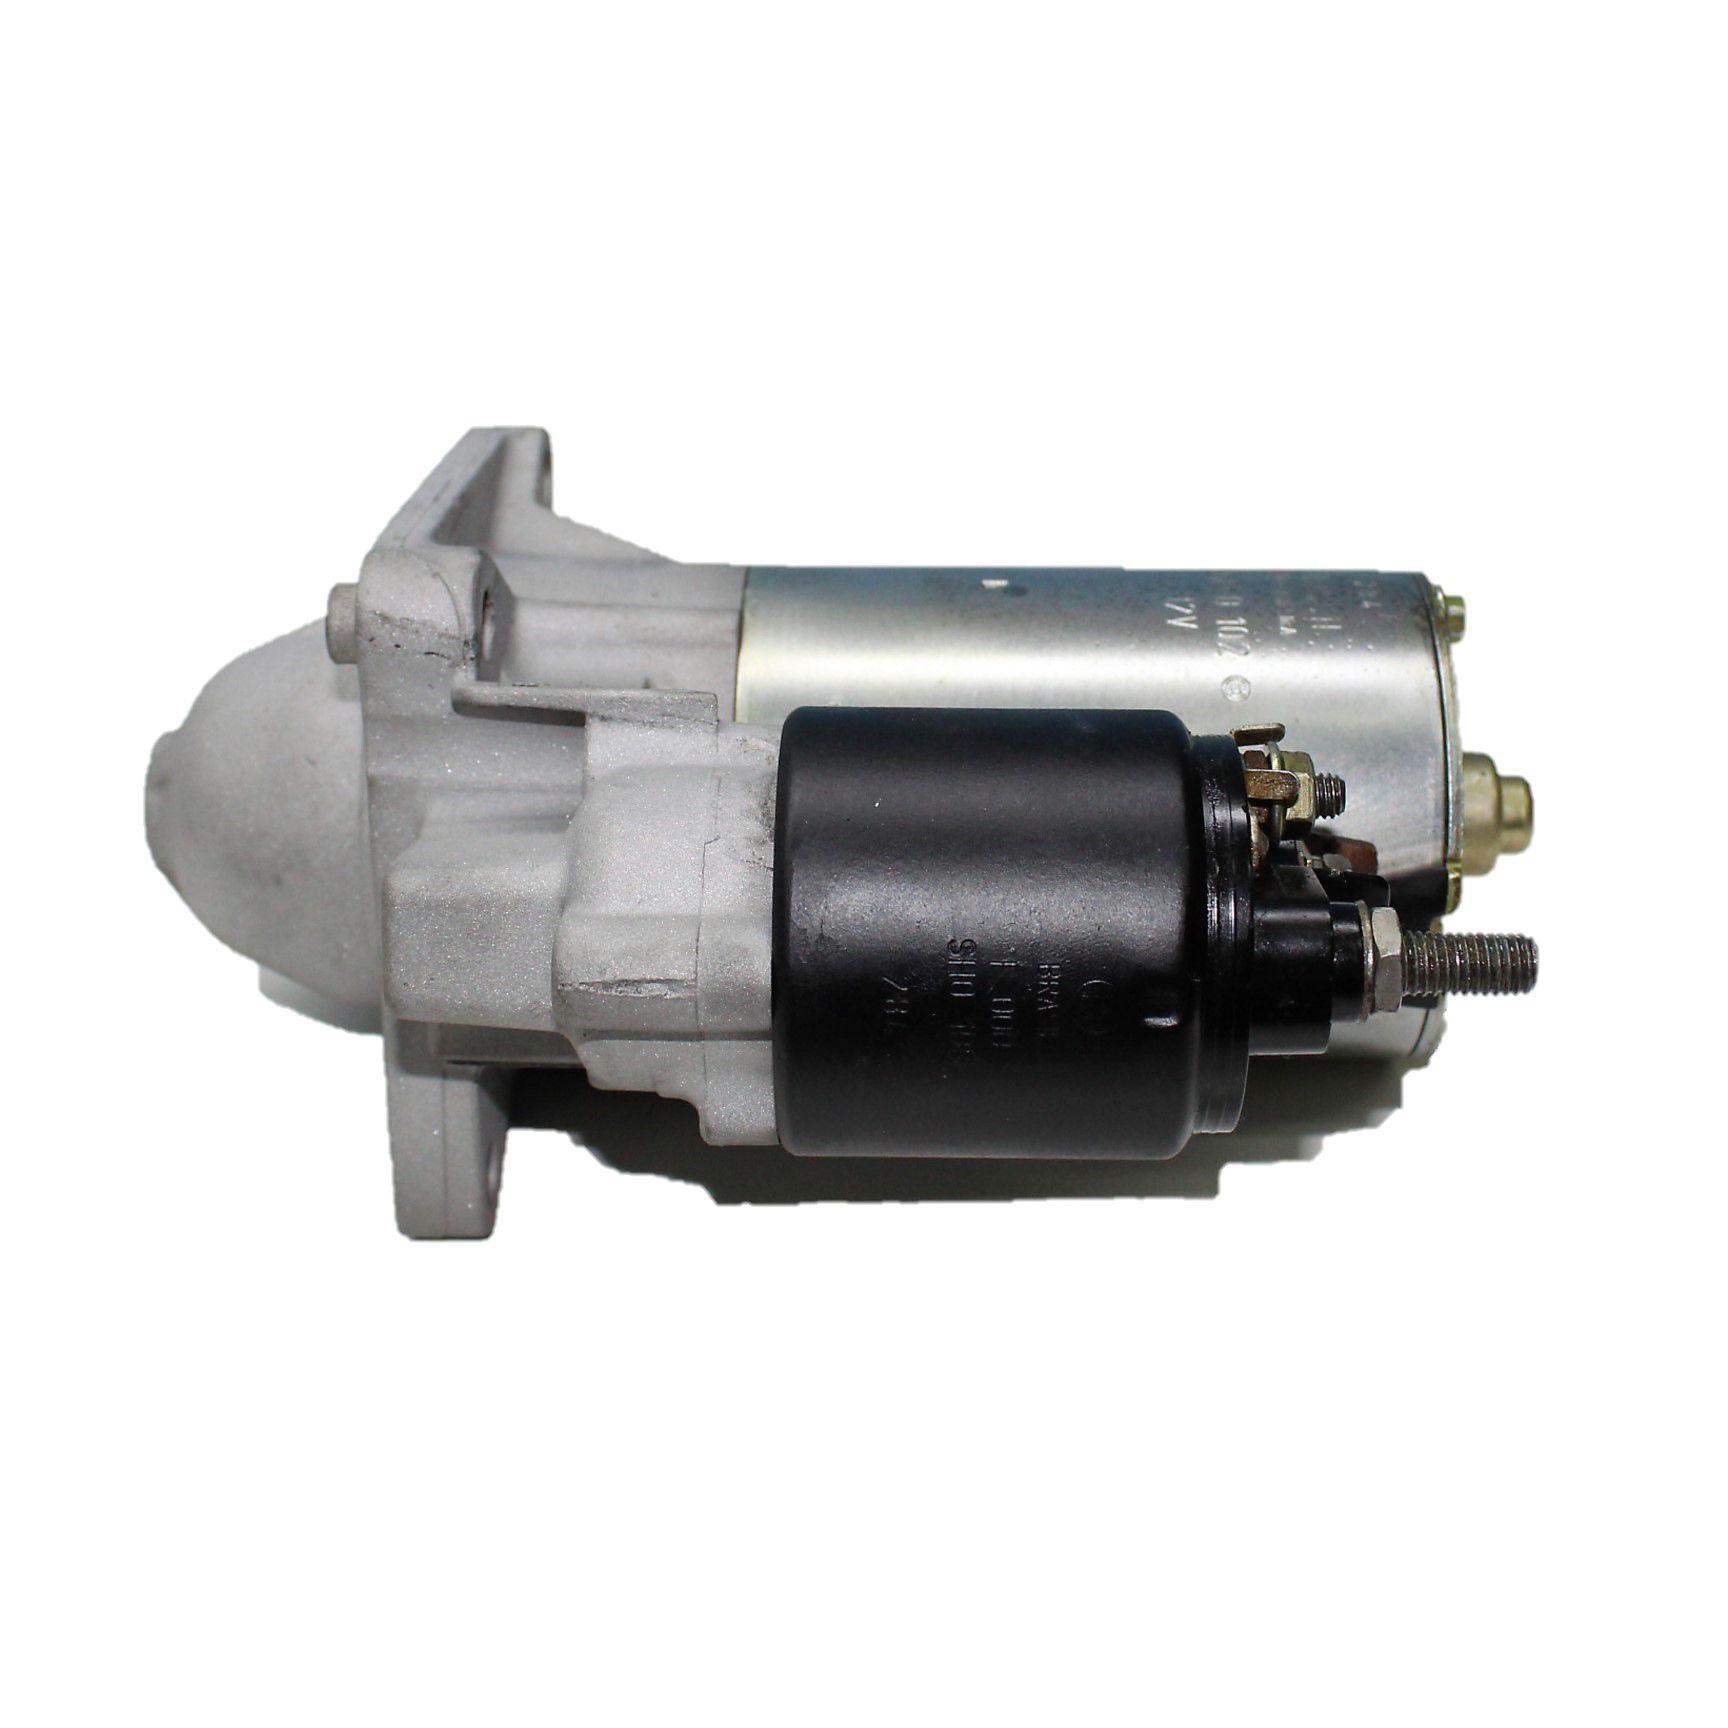 Motor Arranque Partida Fiat Marea Brava 1.8 2.0 F000AL0102 - Recon